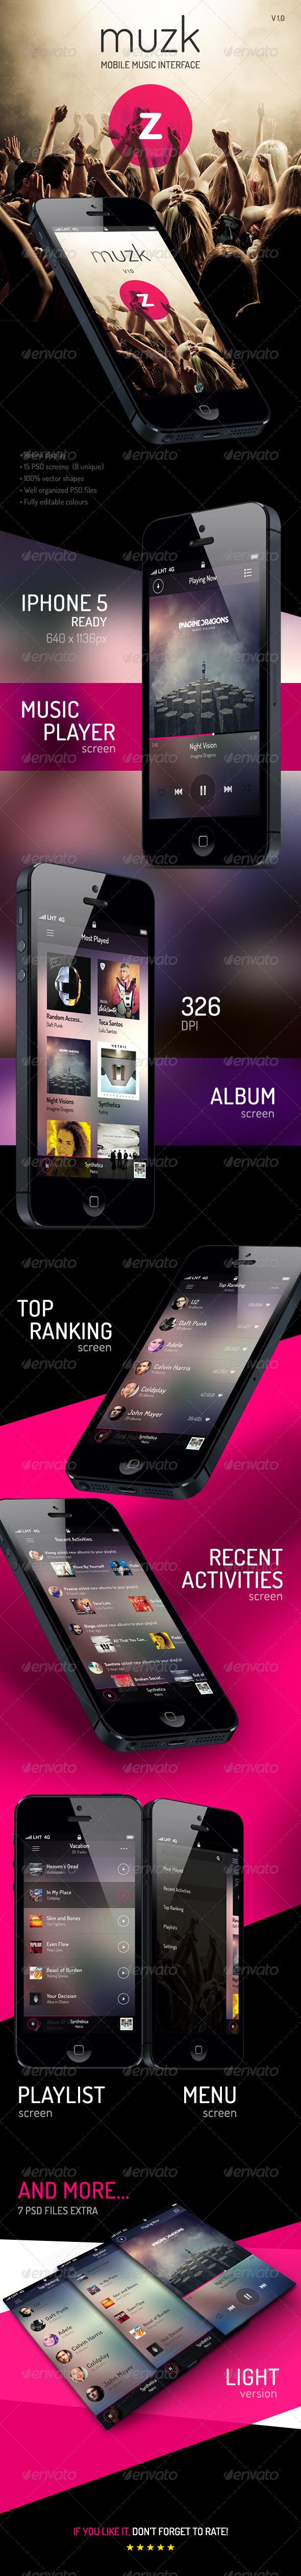 GraphicRiver Muzk Mobile App UI 5196259